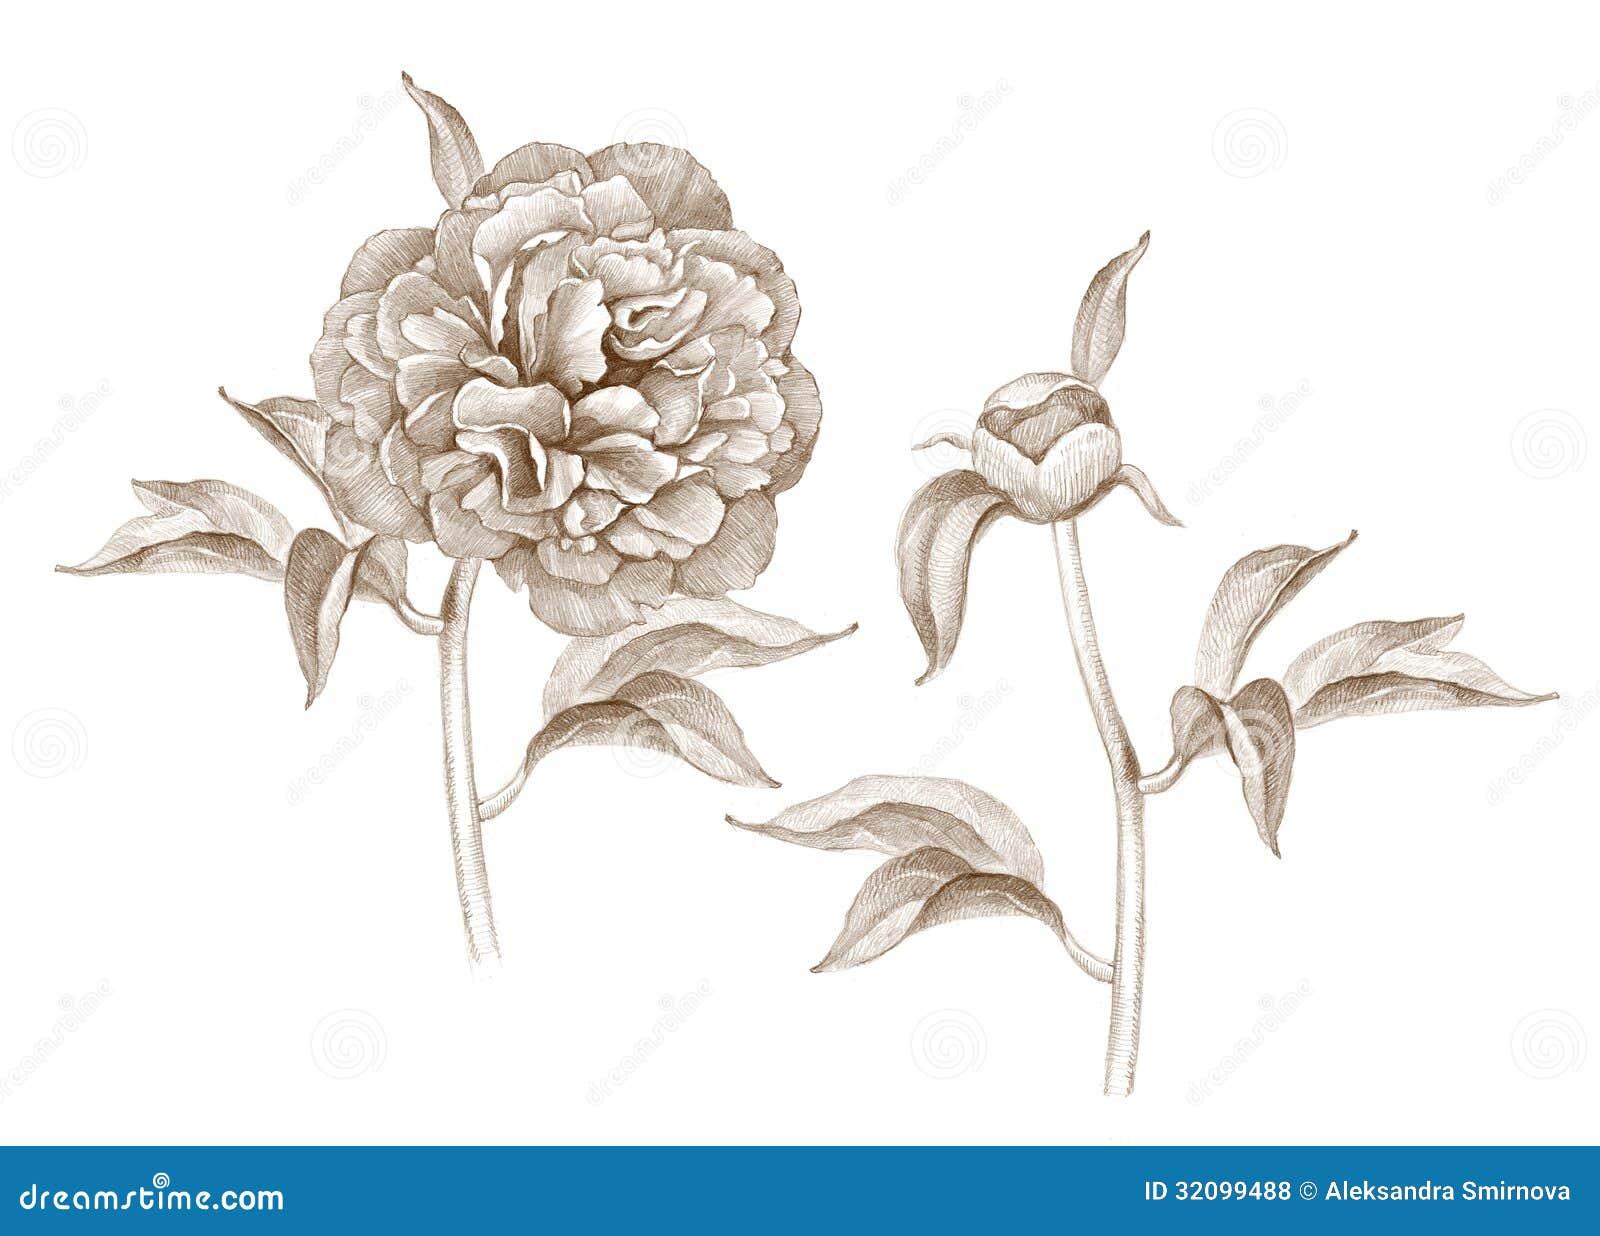 Vintage Peony Illustration Illustration of peony flower